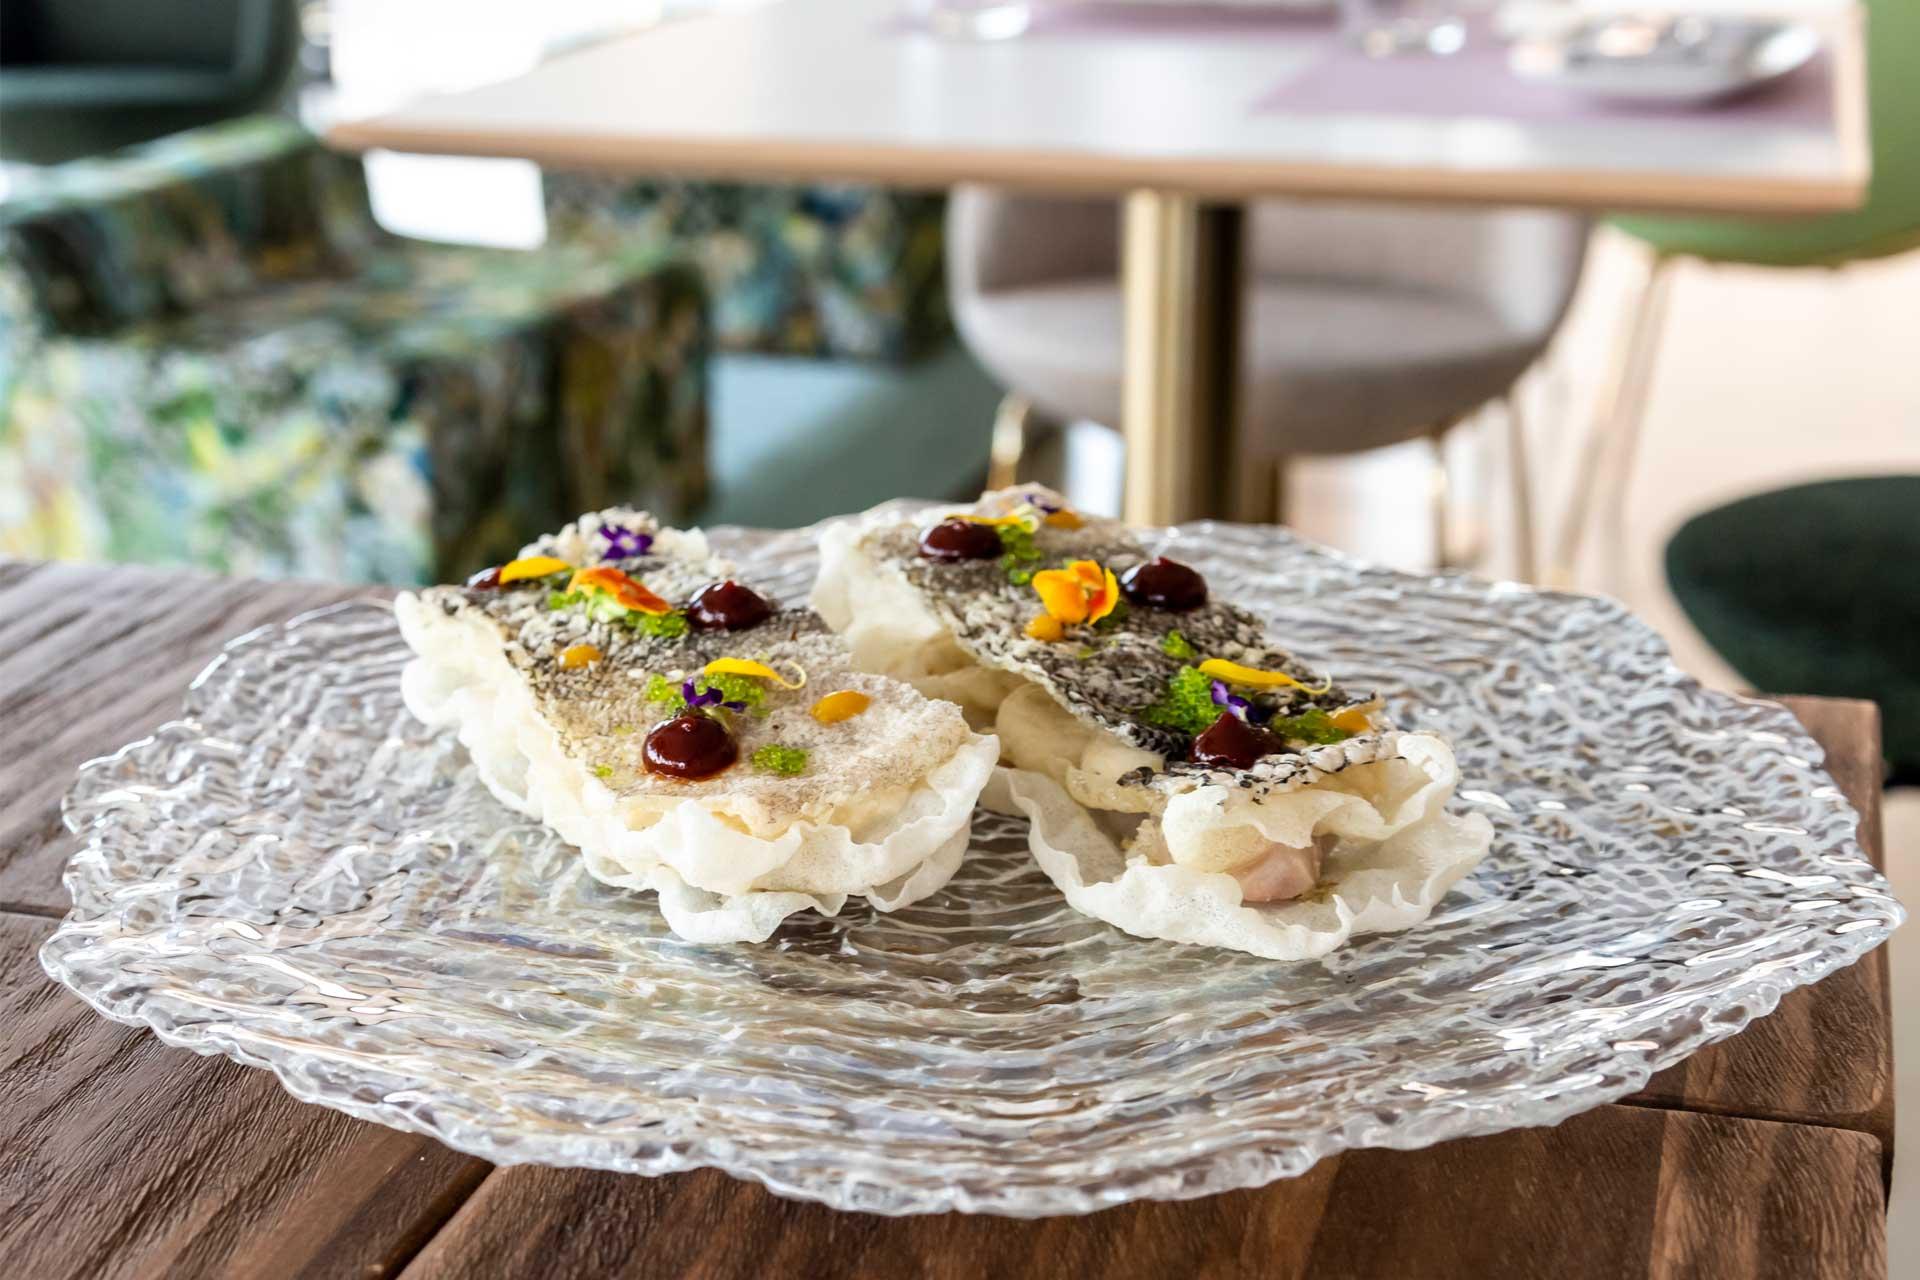 Turismo gastronómico en la Costa Blanca